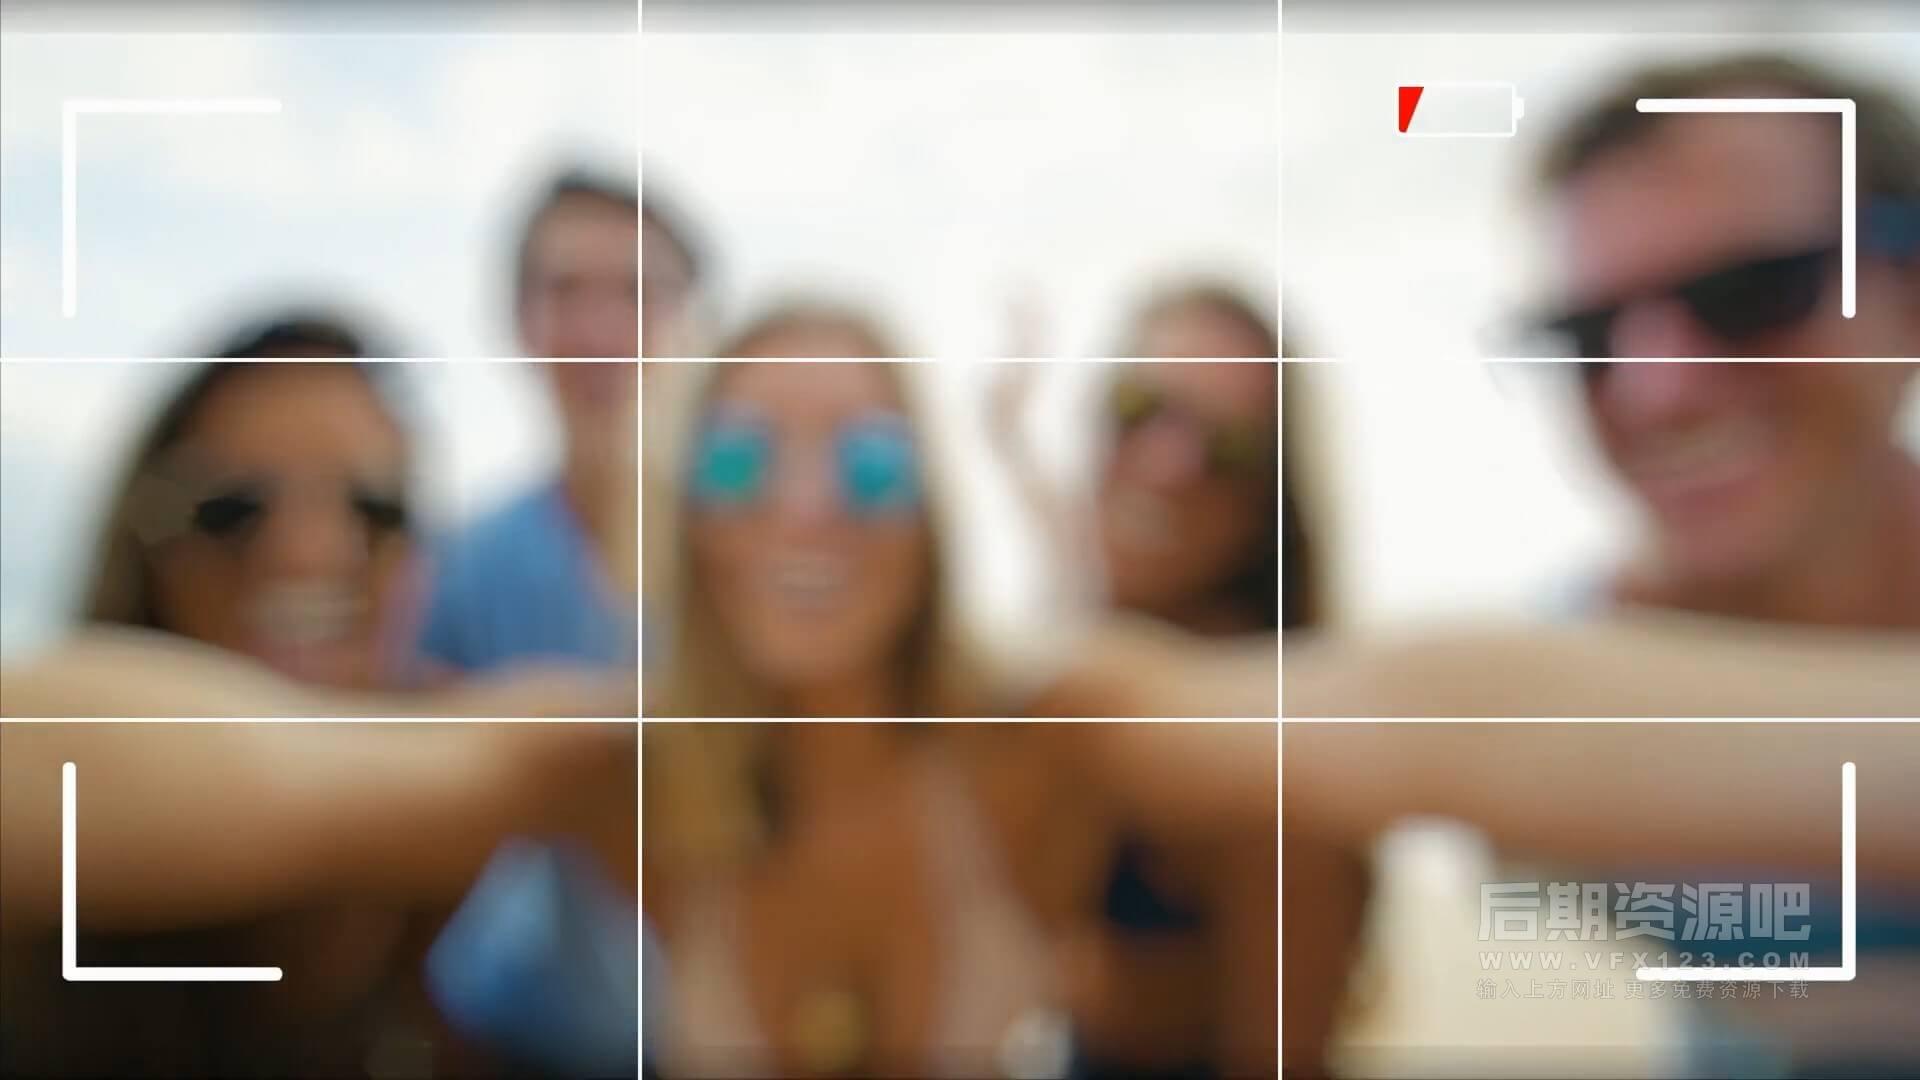 FCPX特效插件 相机拍照取景框变焦特效插件 含音效素材 Camera Tools